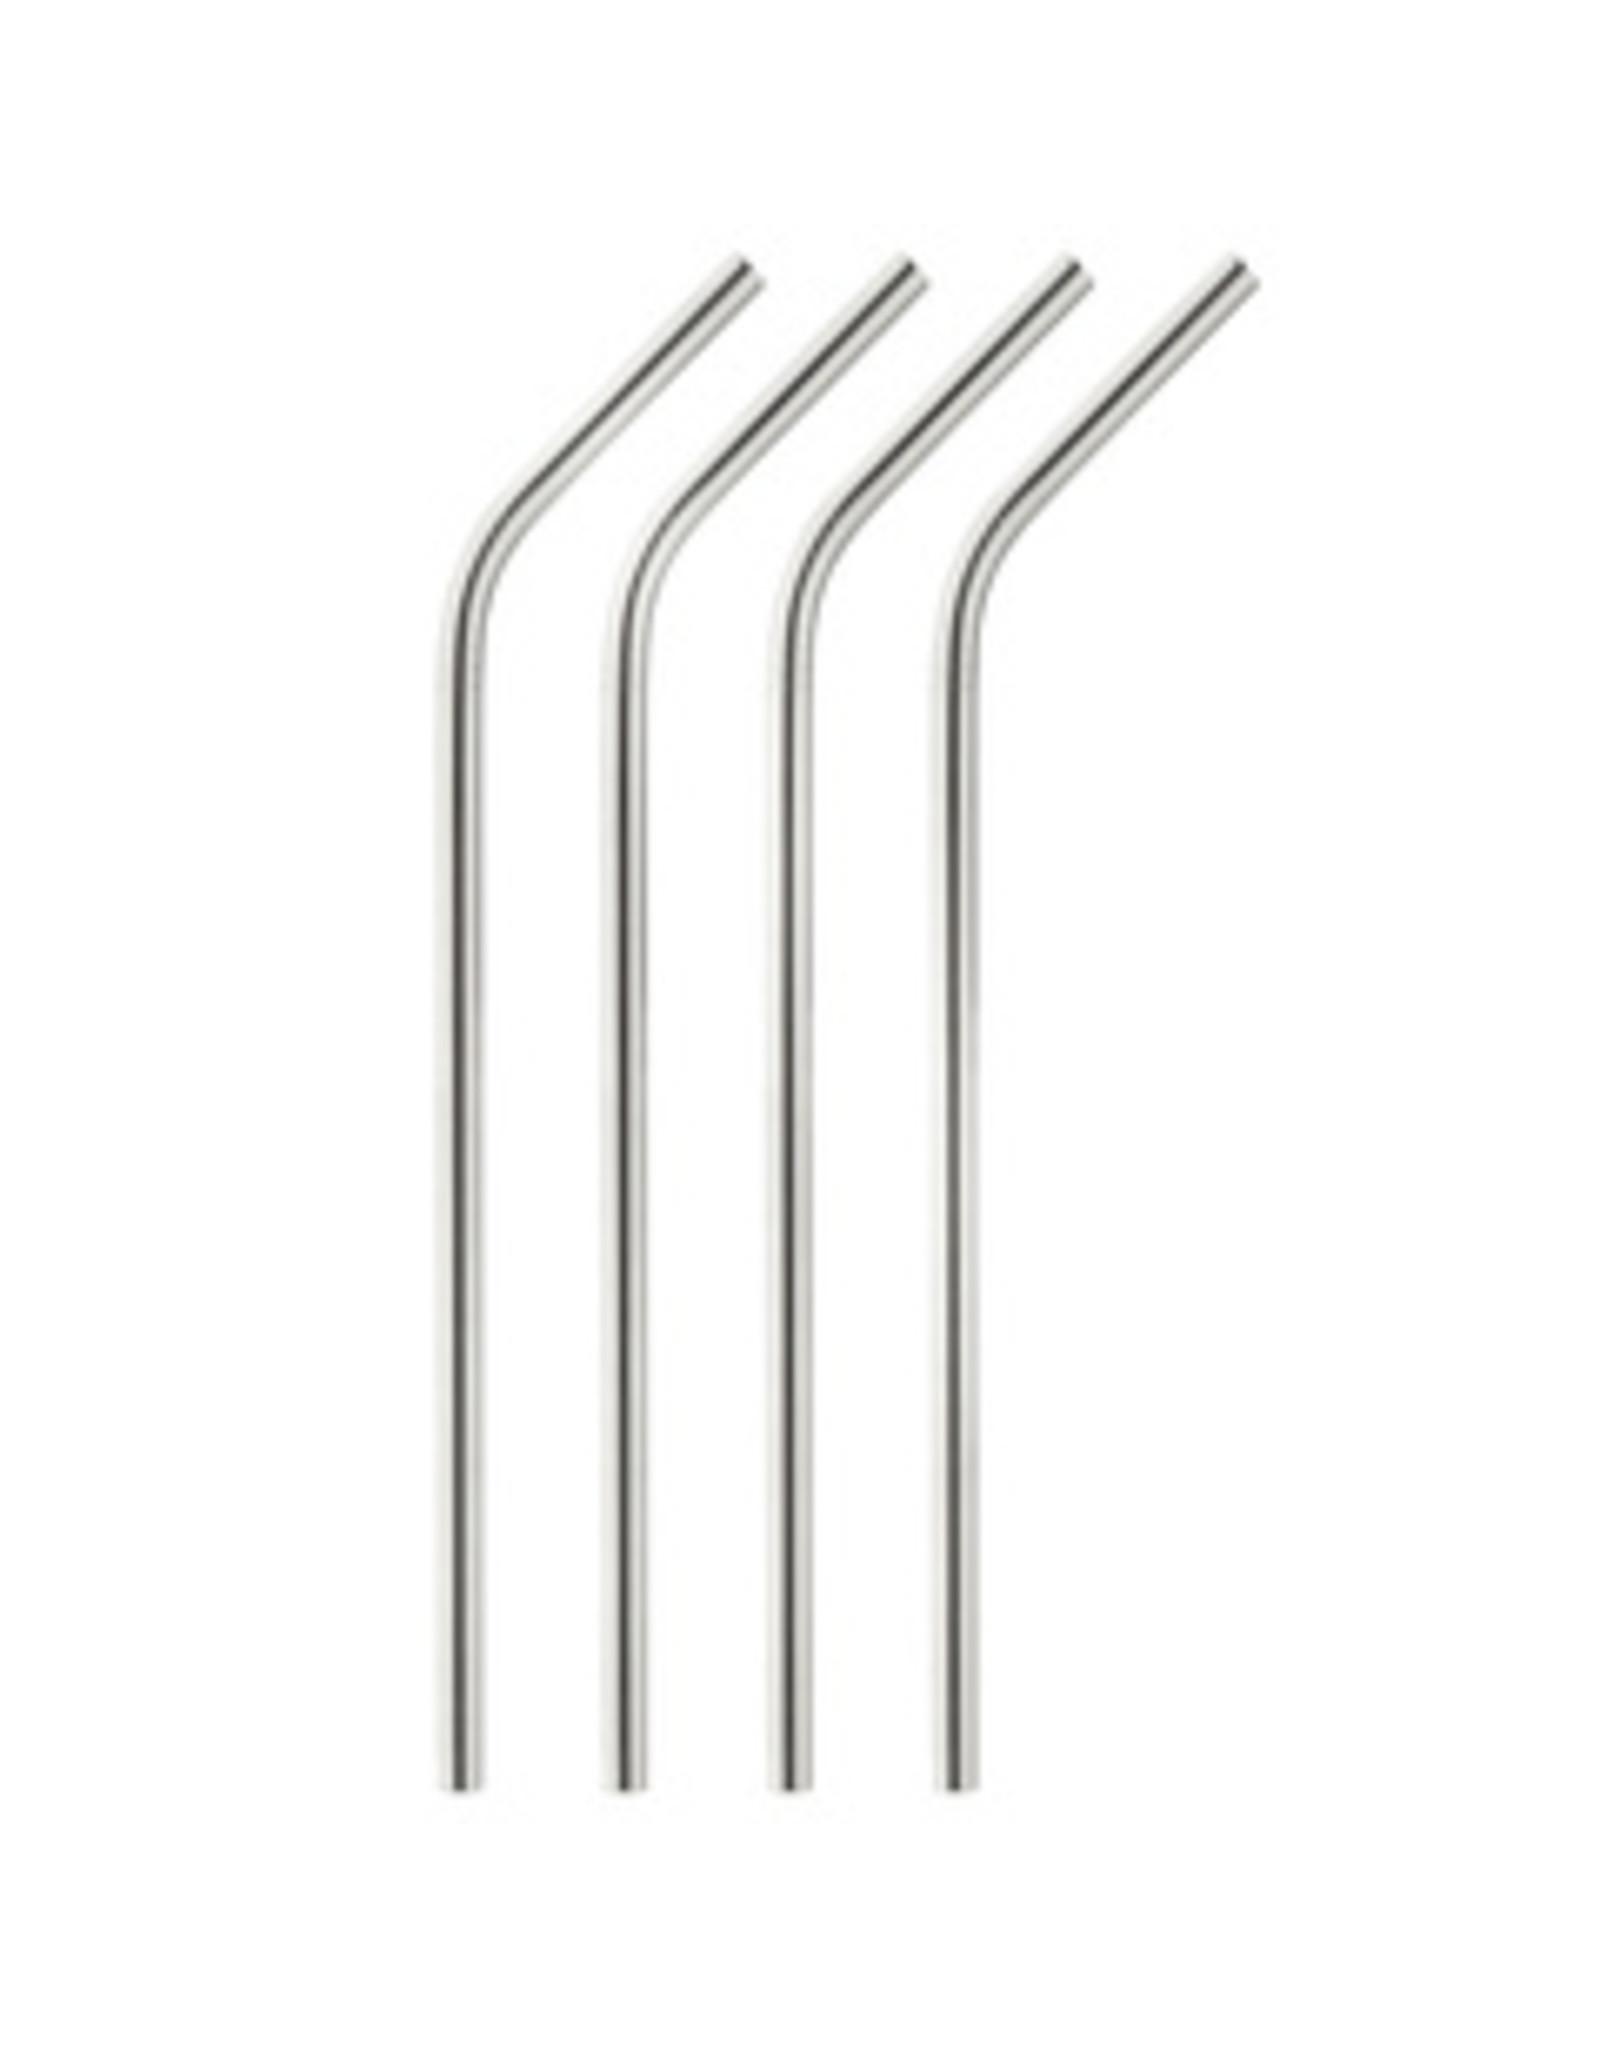 Onyx Onyx Stainless Steel Straws, Set of 4